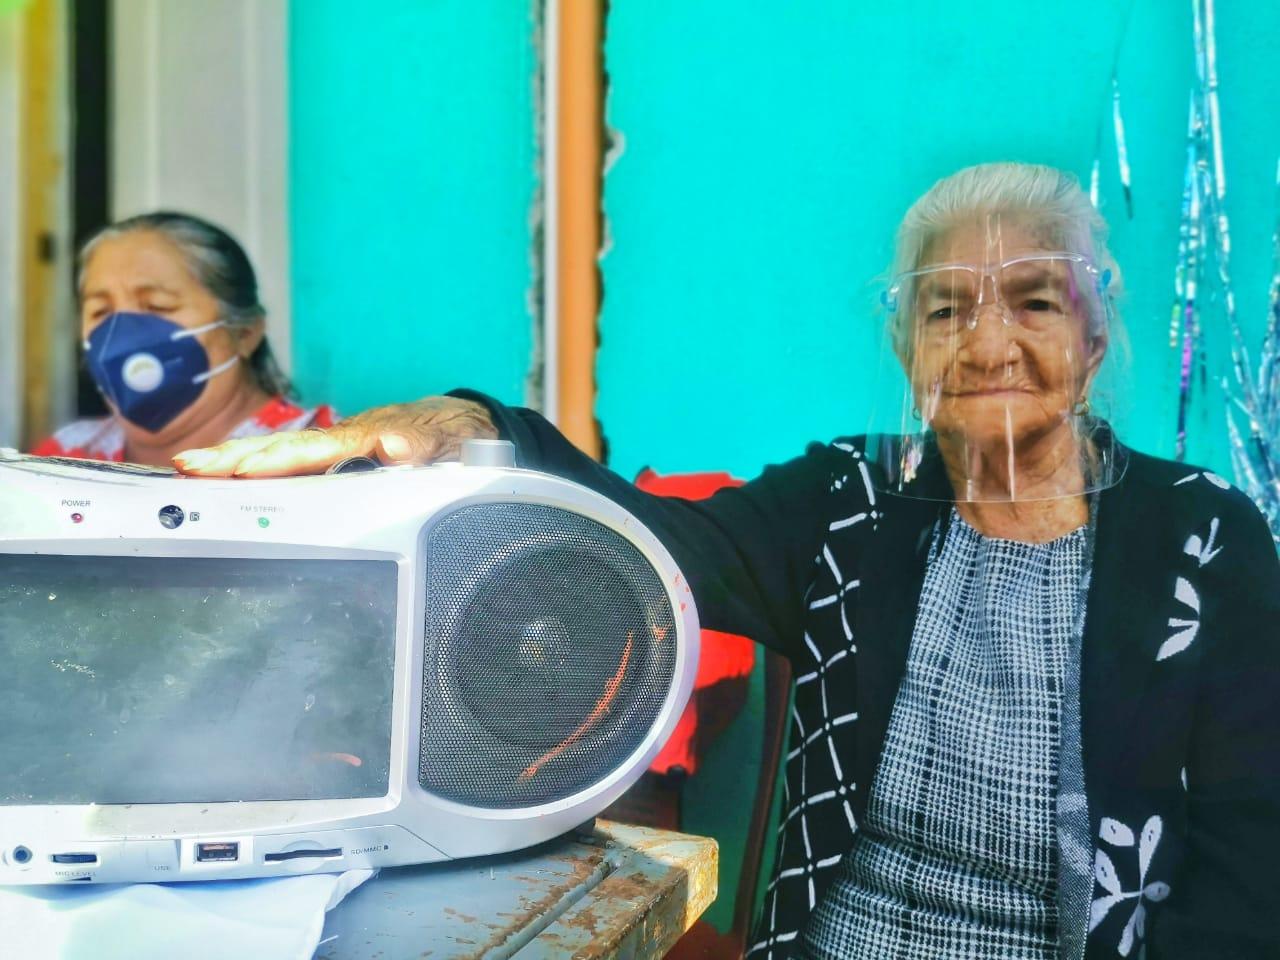 Cumple un siglo de vida una fiel oyente de Stereo 100